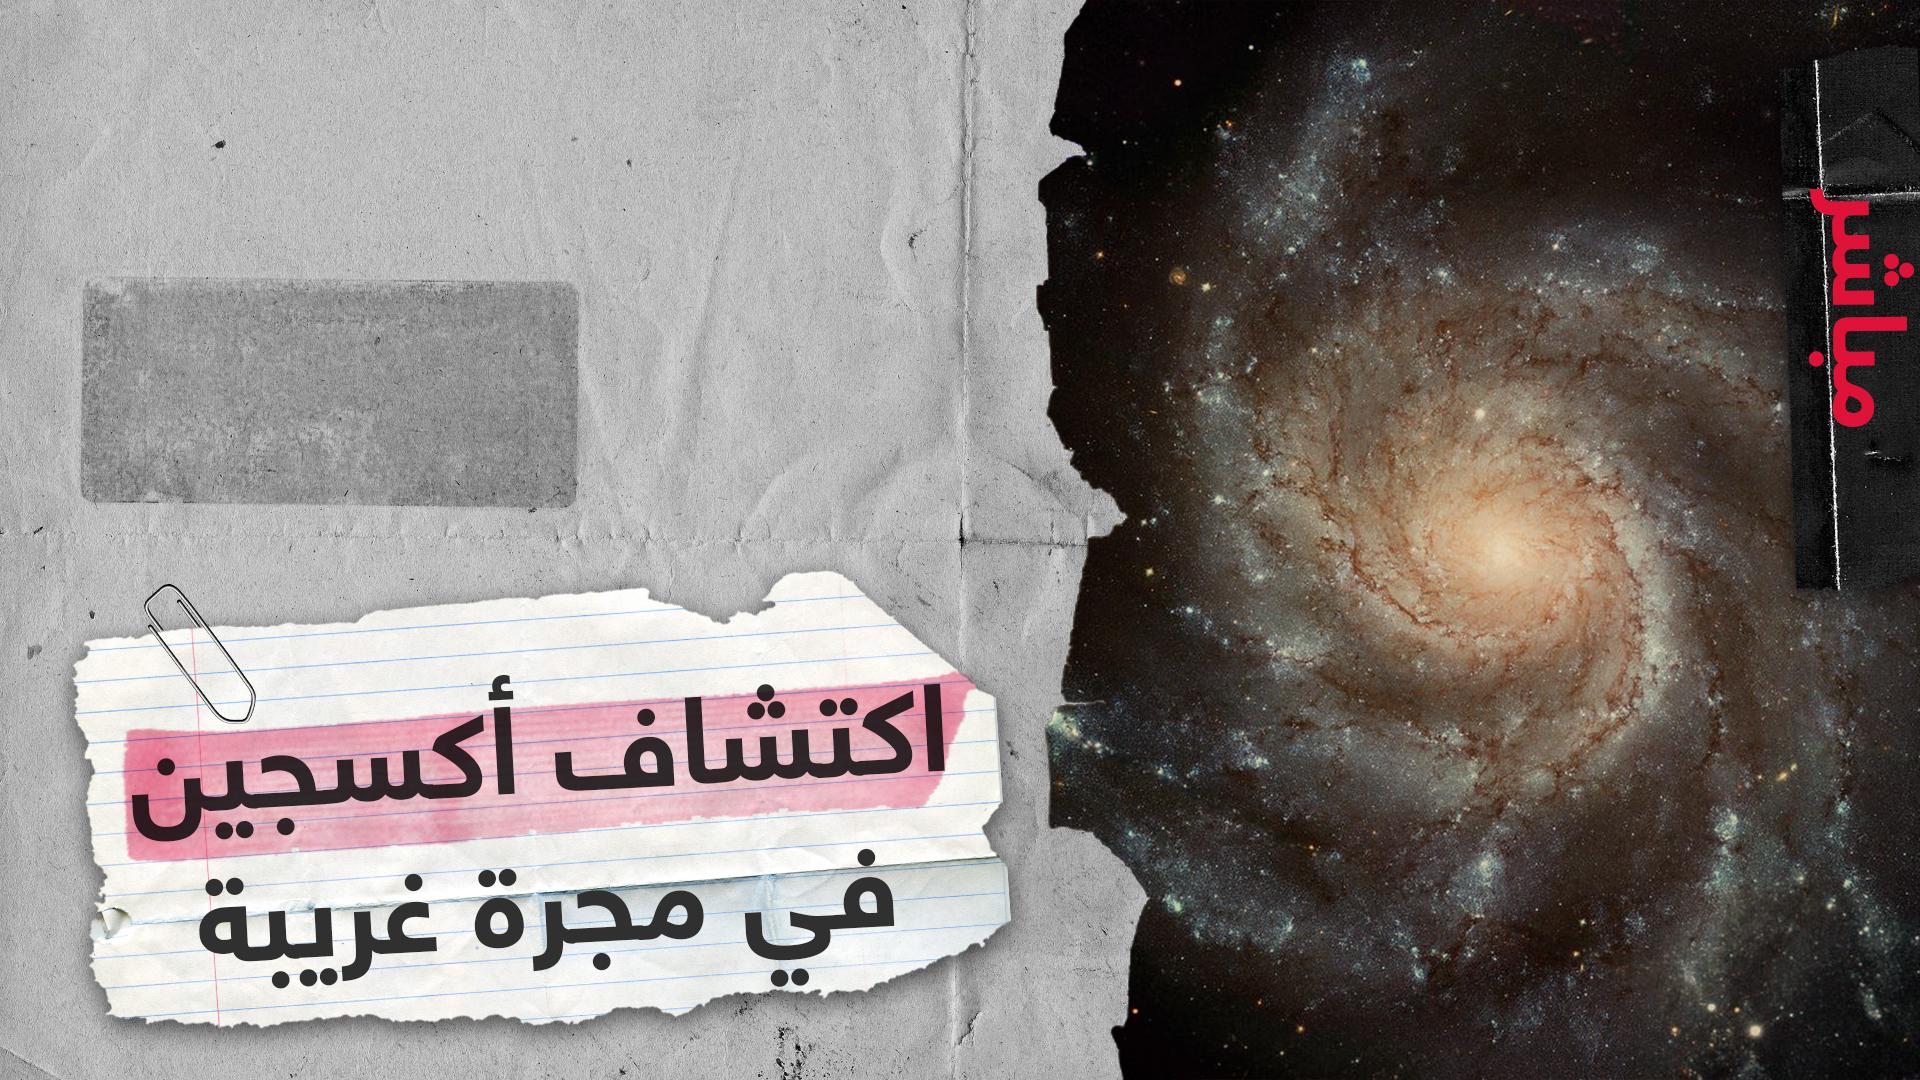 اكتشاف أكسجين في مجرة غريبة.. هل هذا علامة لحياة خارج الأرض؟